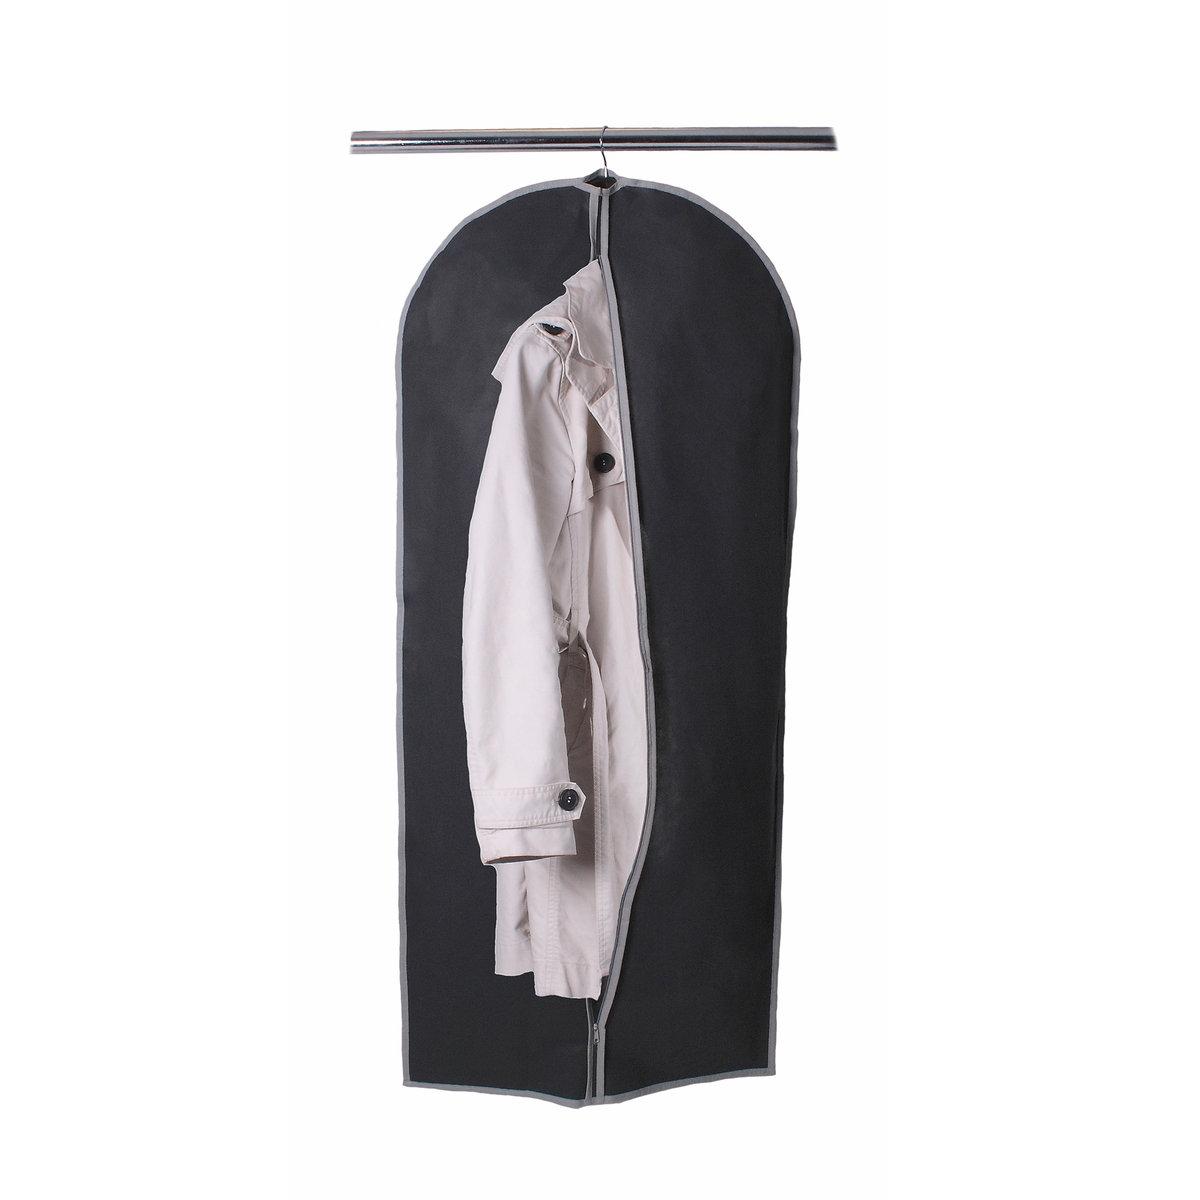 2 чехла для одежды из нетканого материала